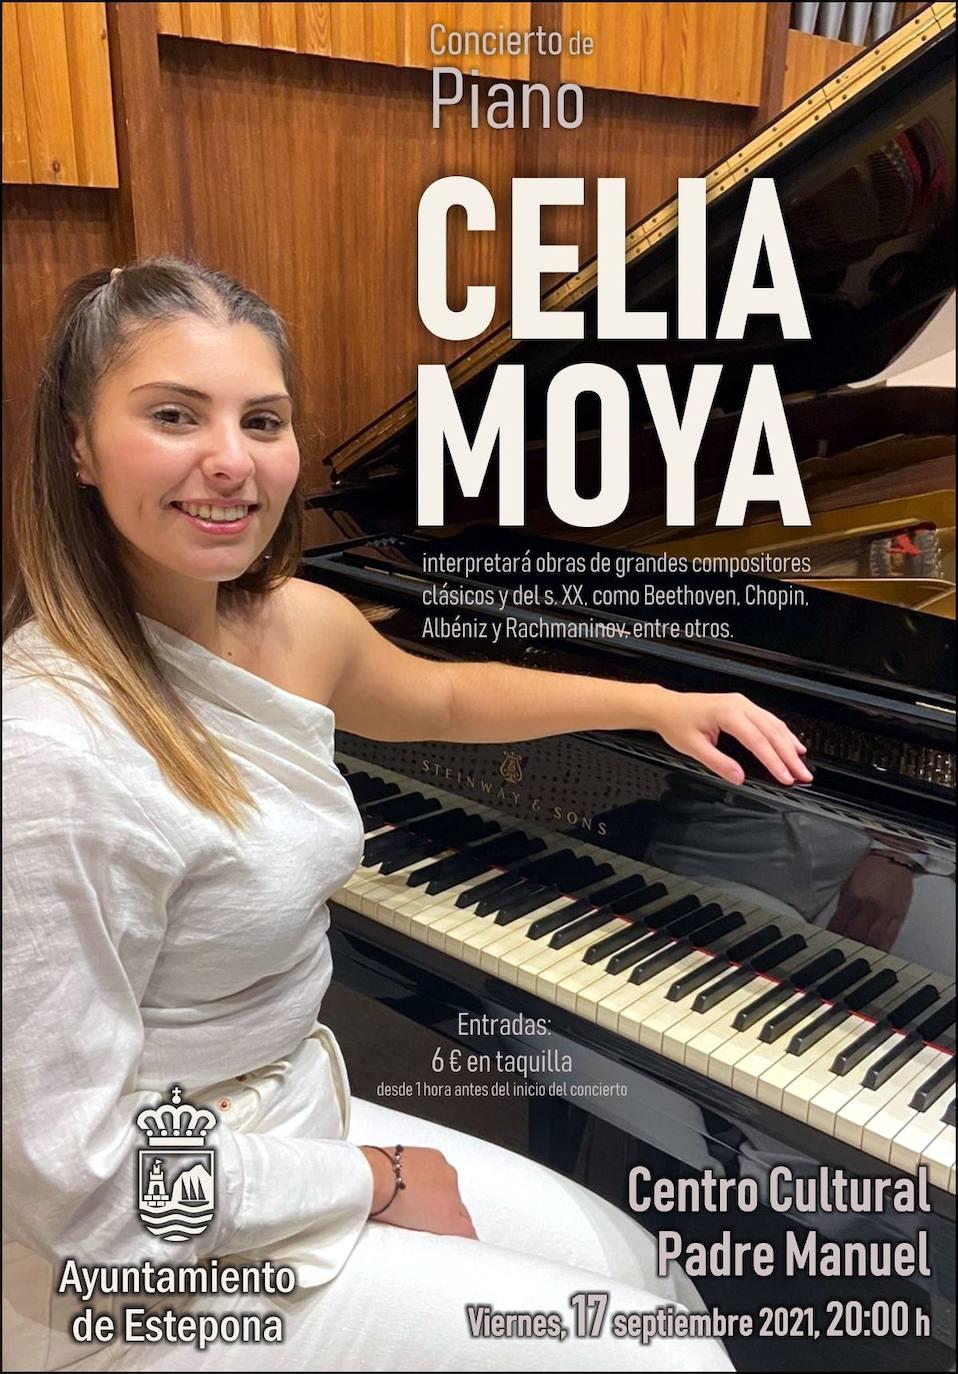 La pianista Celia Moya ofrecerá un concierto solidario este viernes a beneficio de la recuperación de Sierra Bermeja